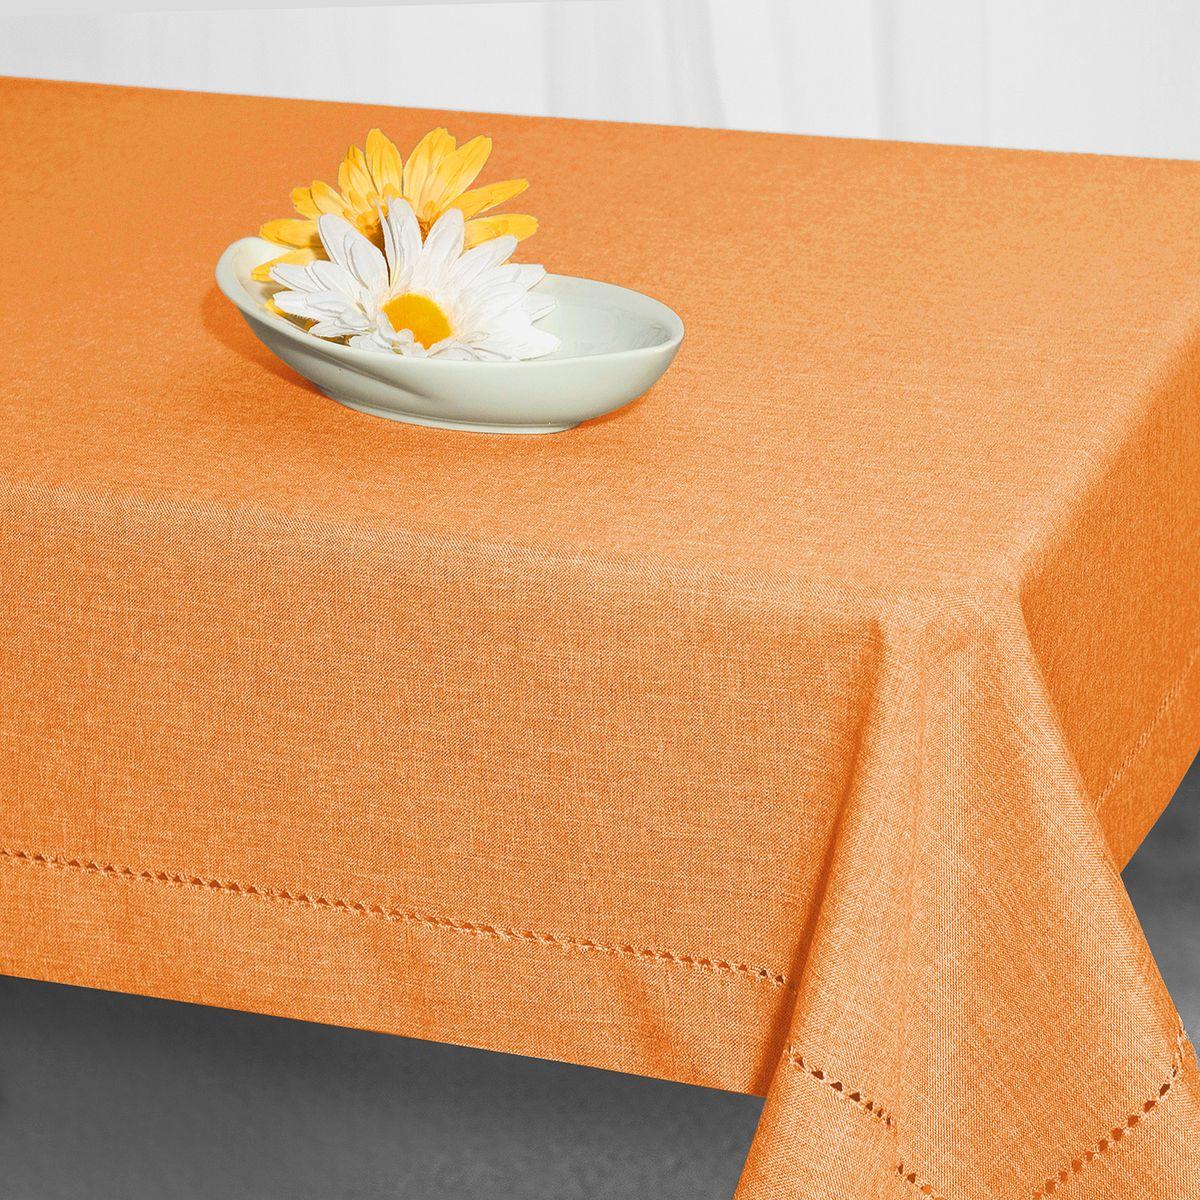 Скатерть Schaefer, прямоугольная, цвет: оранжевый, 160 x 220 см. 07599-408 schaefer